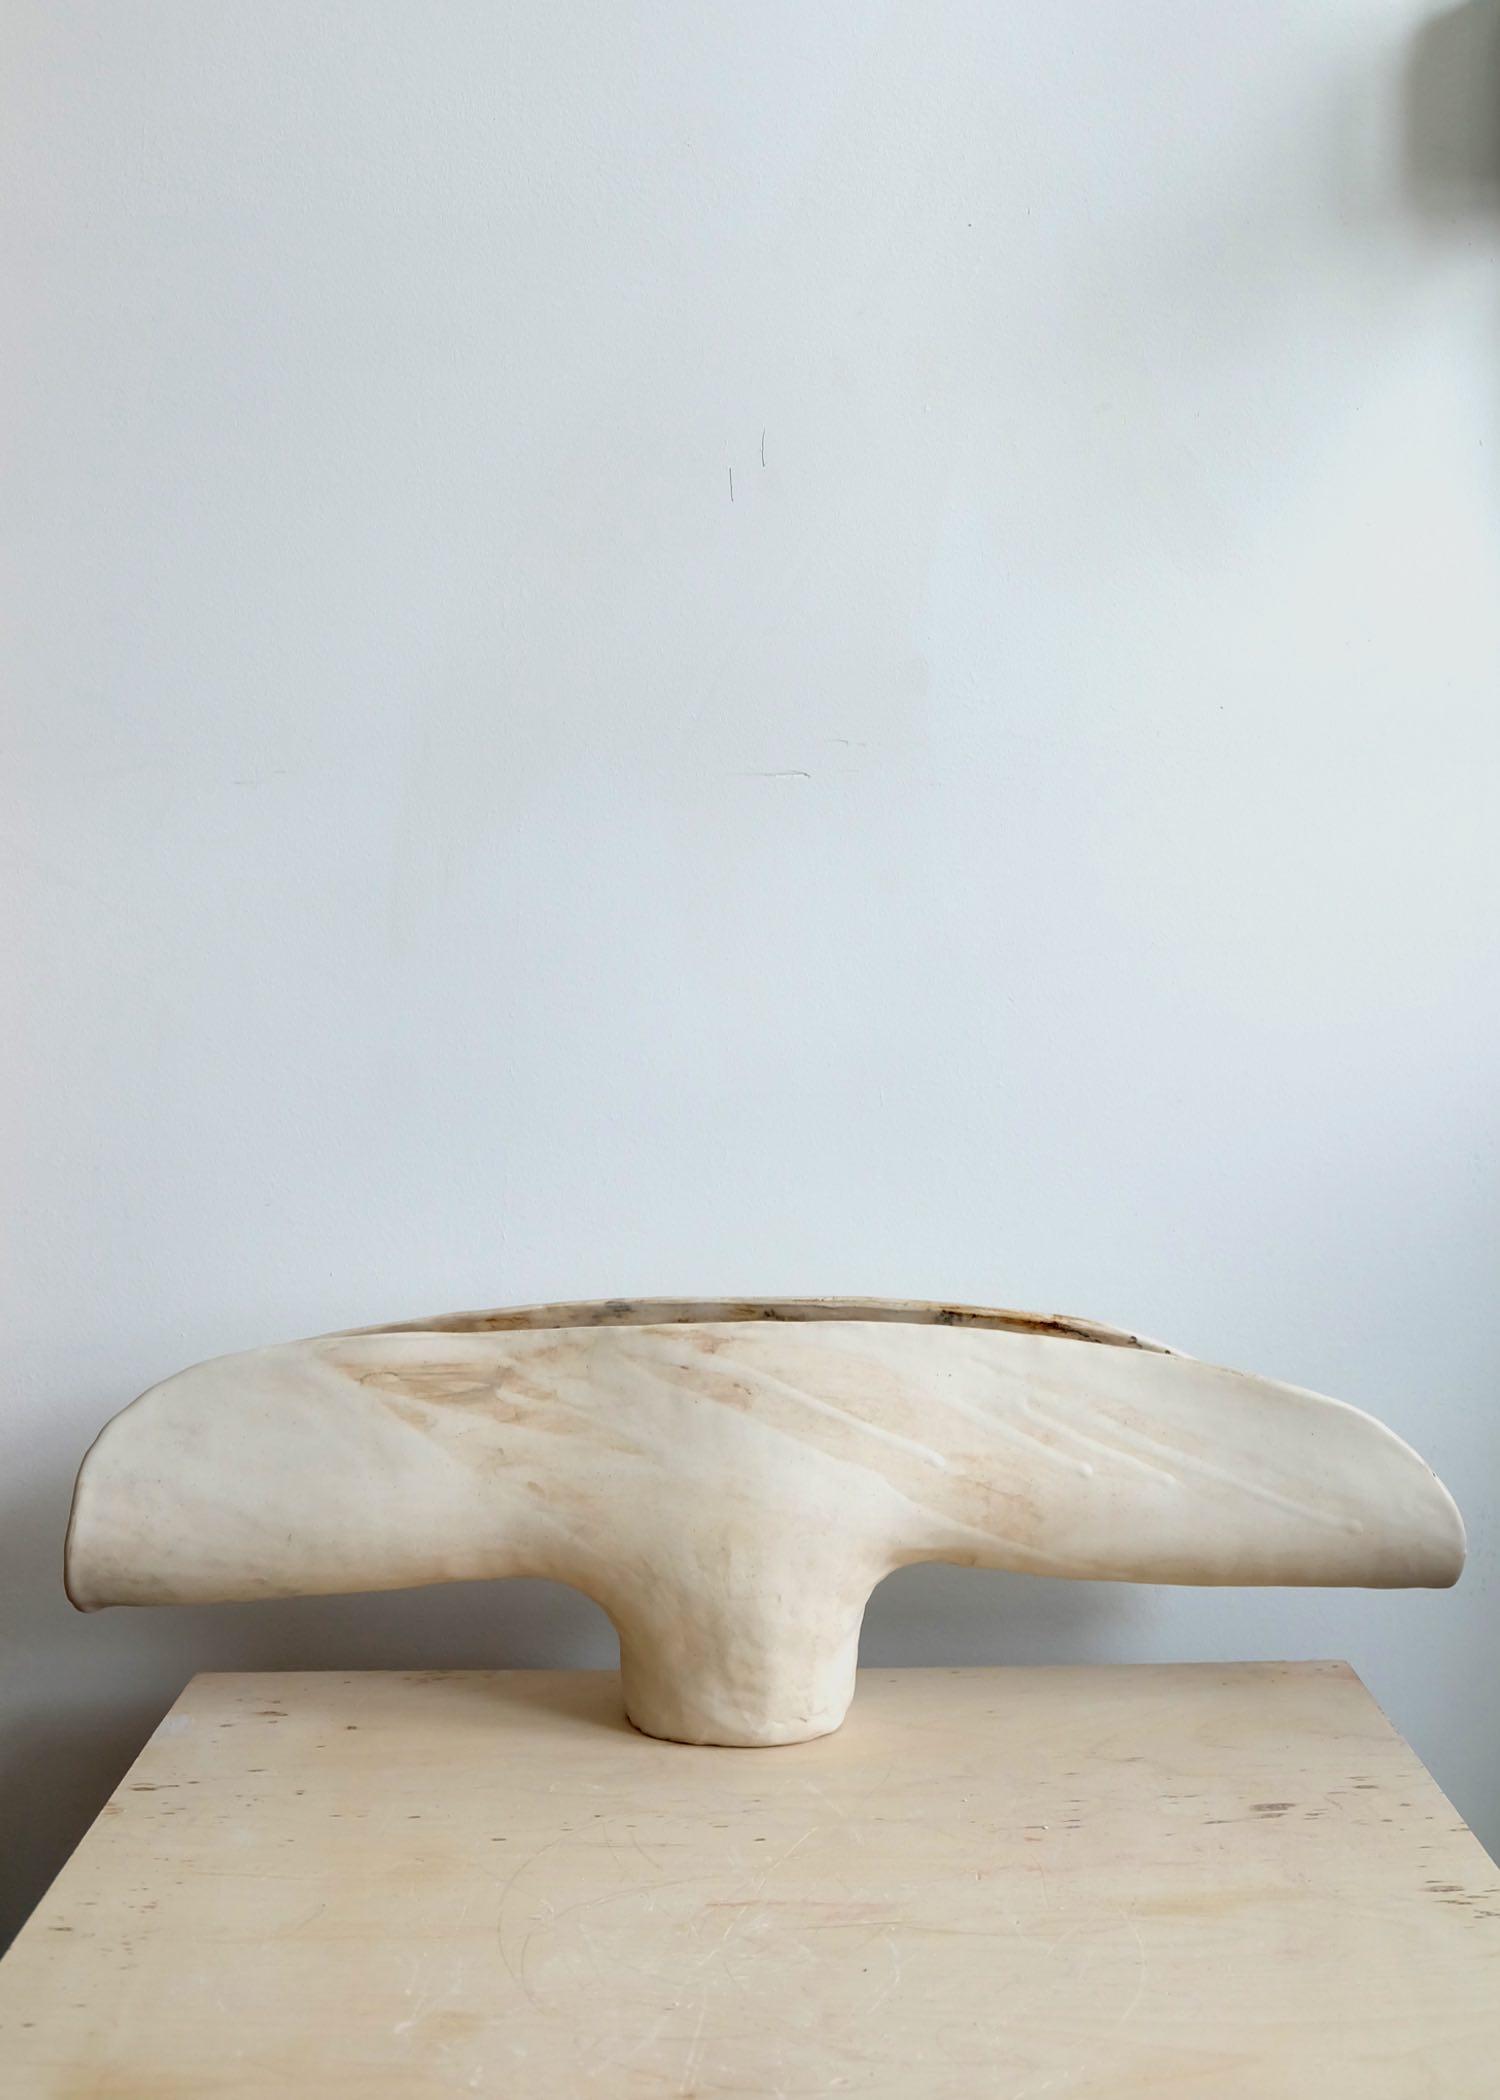 Copy of Mushroom: 61w 15d 18h